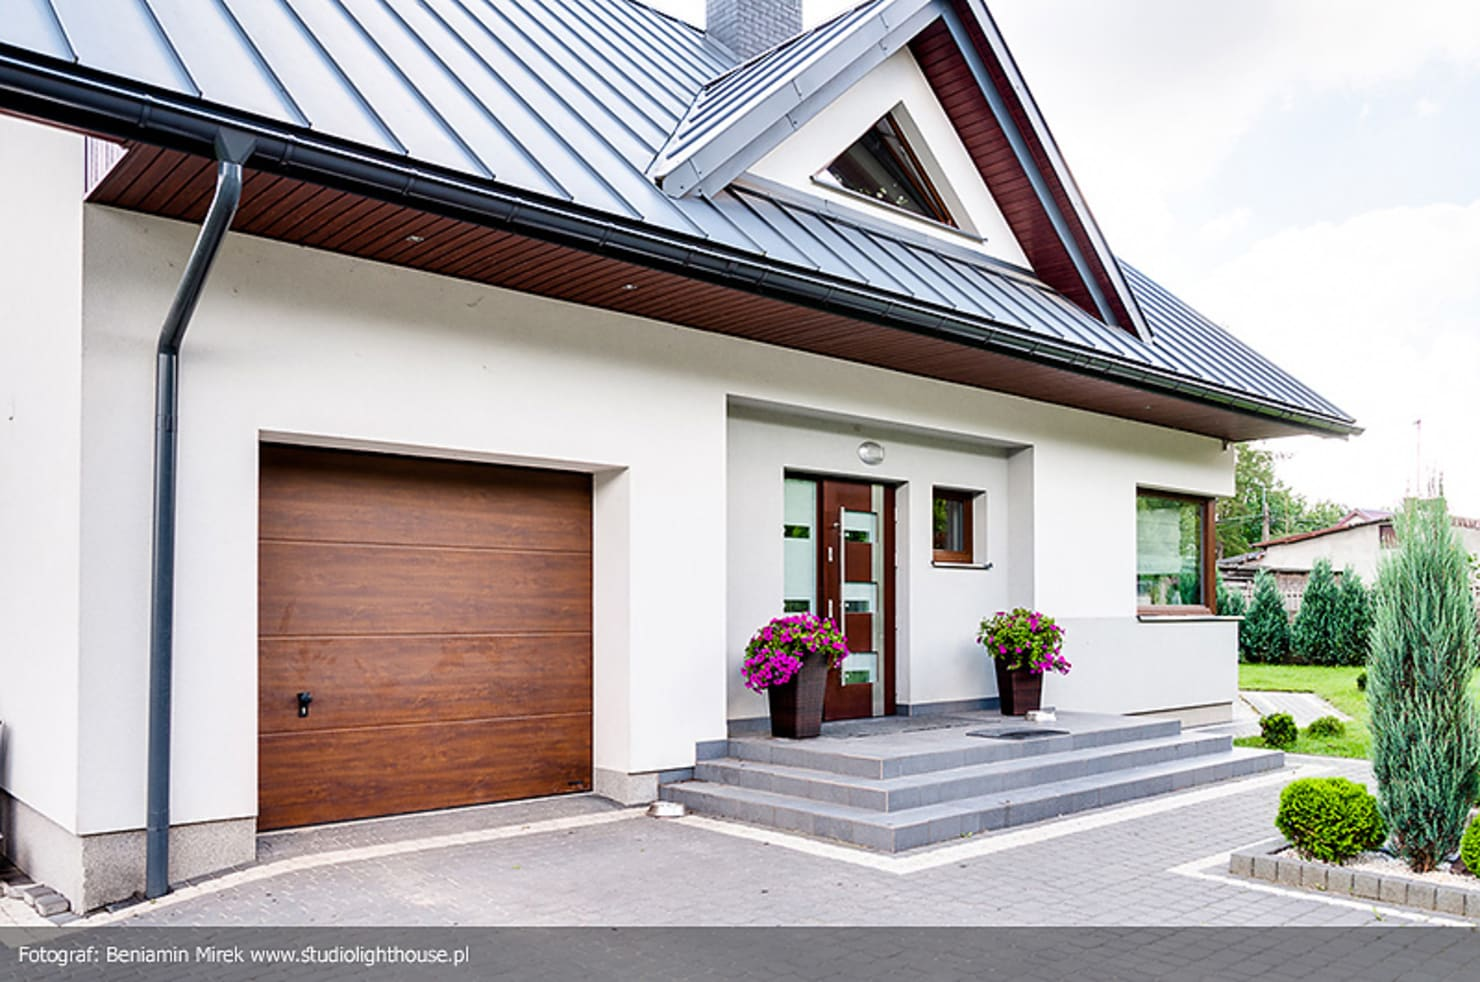 Küçük bir ev inşa ettirmek isteyenler için 20 harika fikir